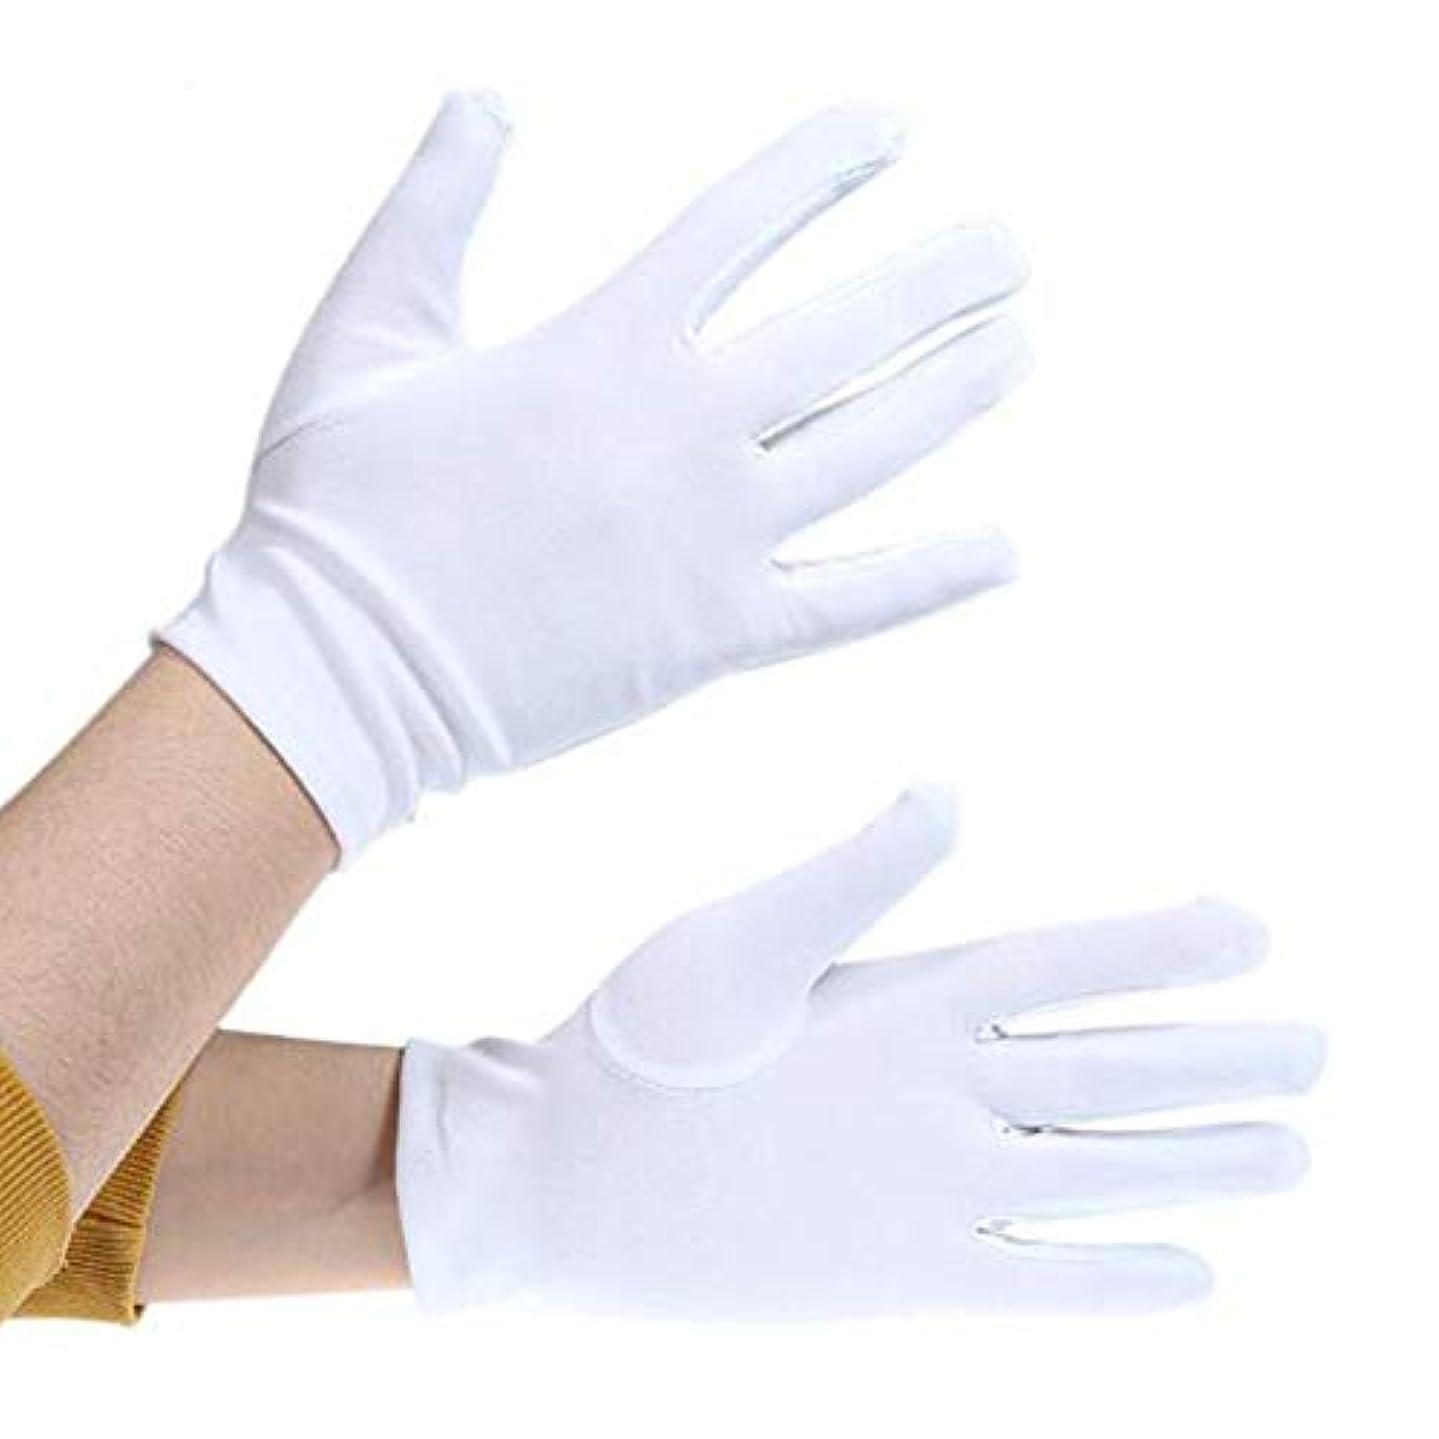 ブラウザシャワー八百屋白手袋薄 礼装用 ジュエリーグローブ時計 貴金属 宝石 接客用 品質管理用 作業用手ぶくろ,保護着用者